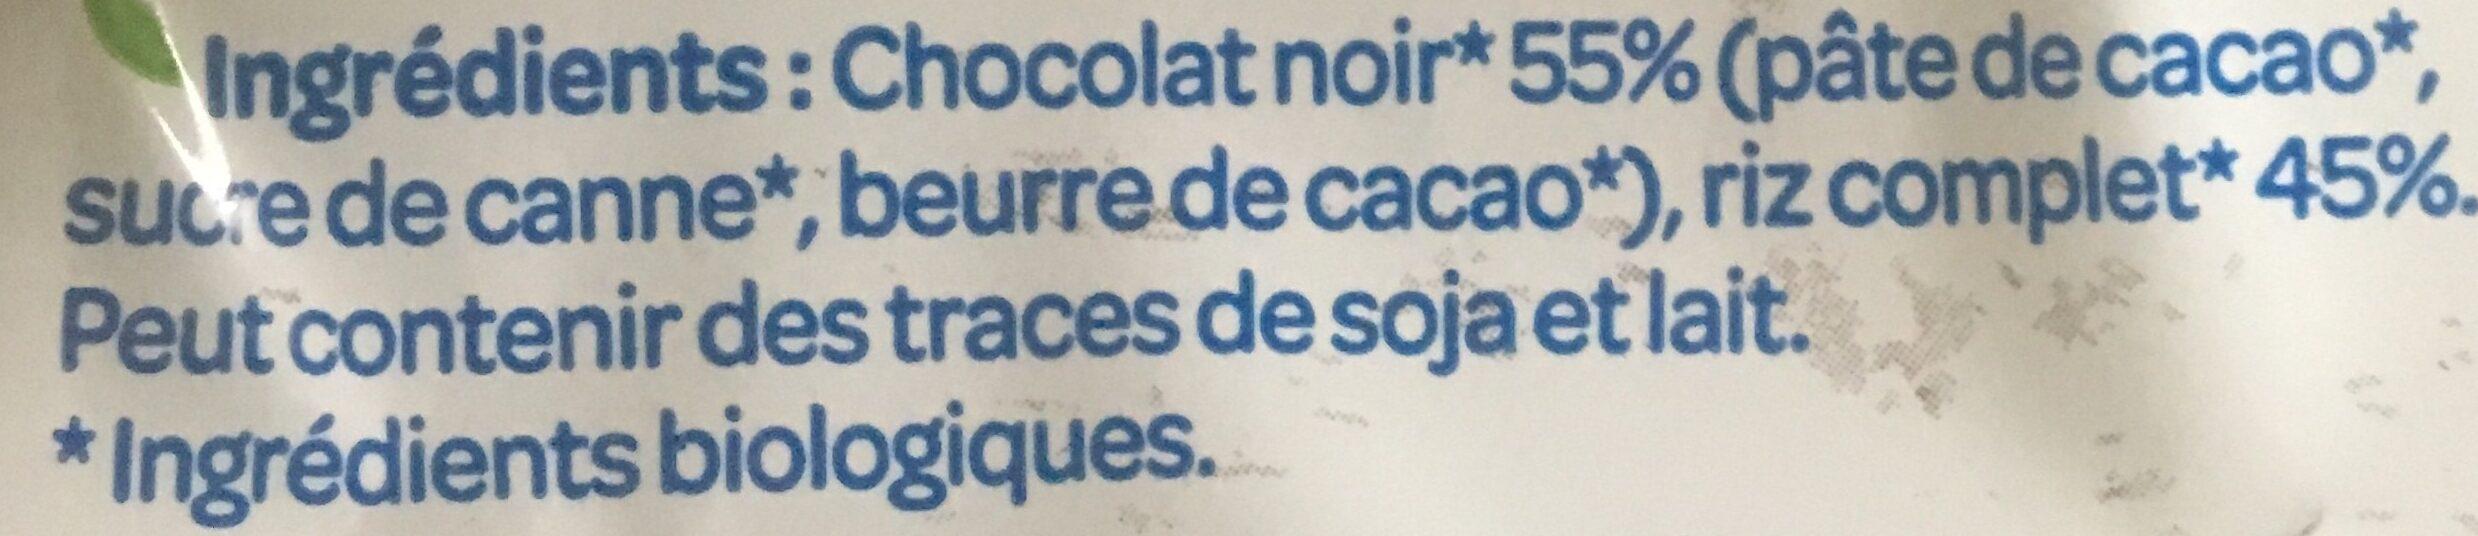 Galettes de riz chocolat noir - Ingredients - fr